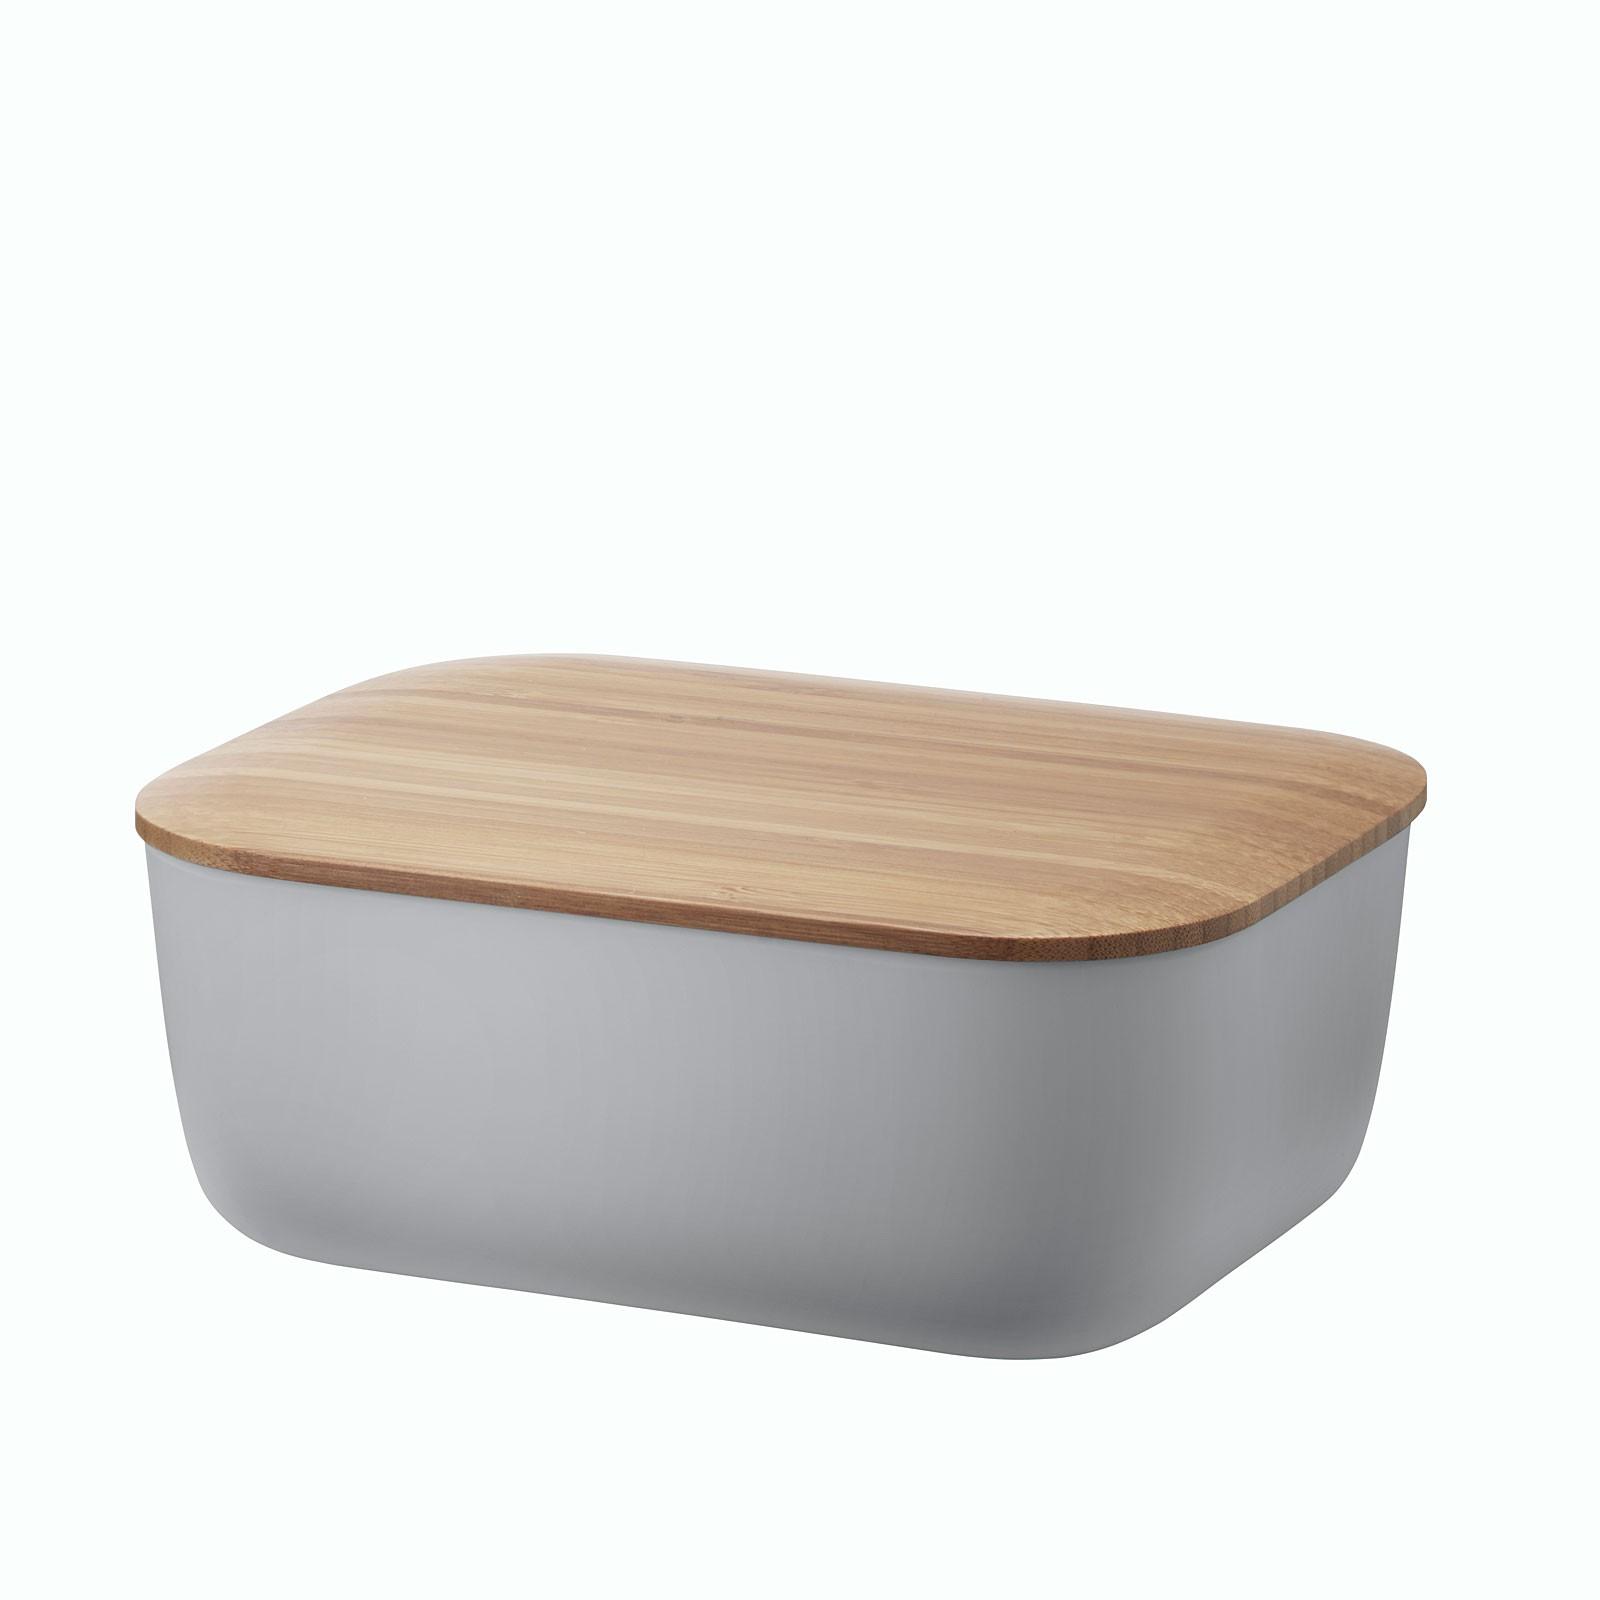 BOX-IT Butterdose Rig-Tig Warm grey Stelton